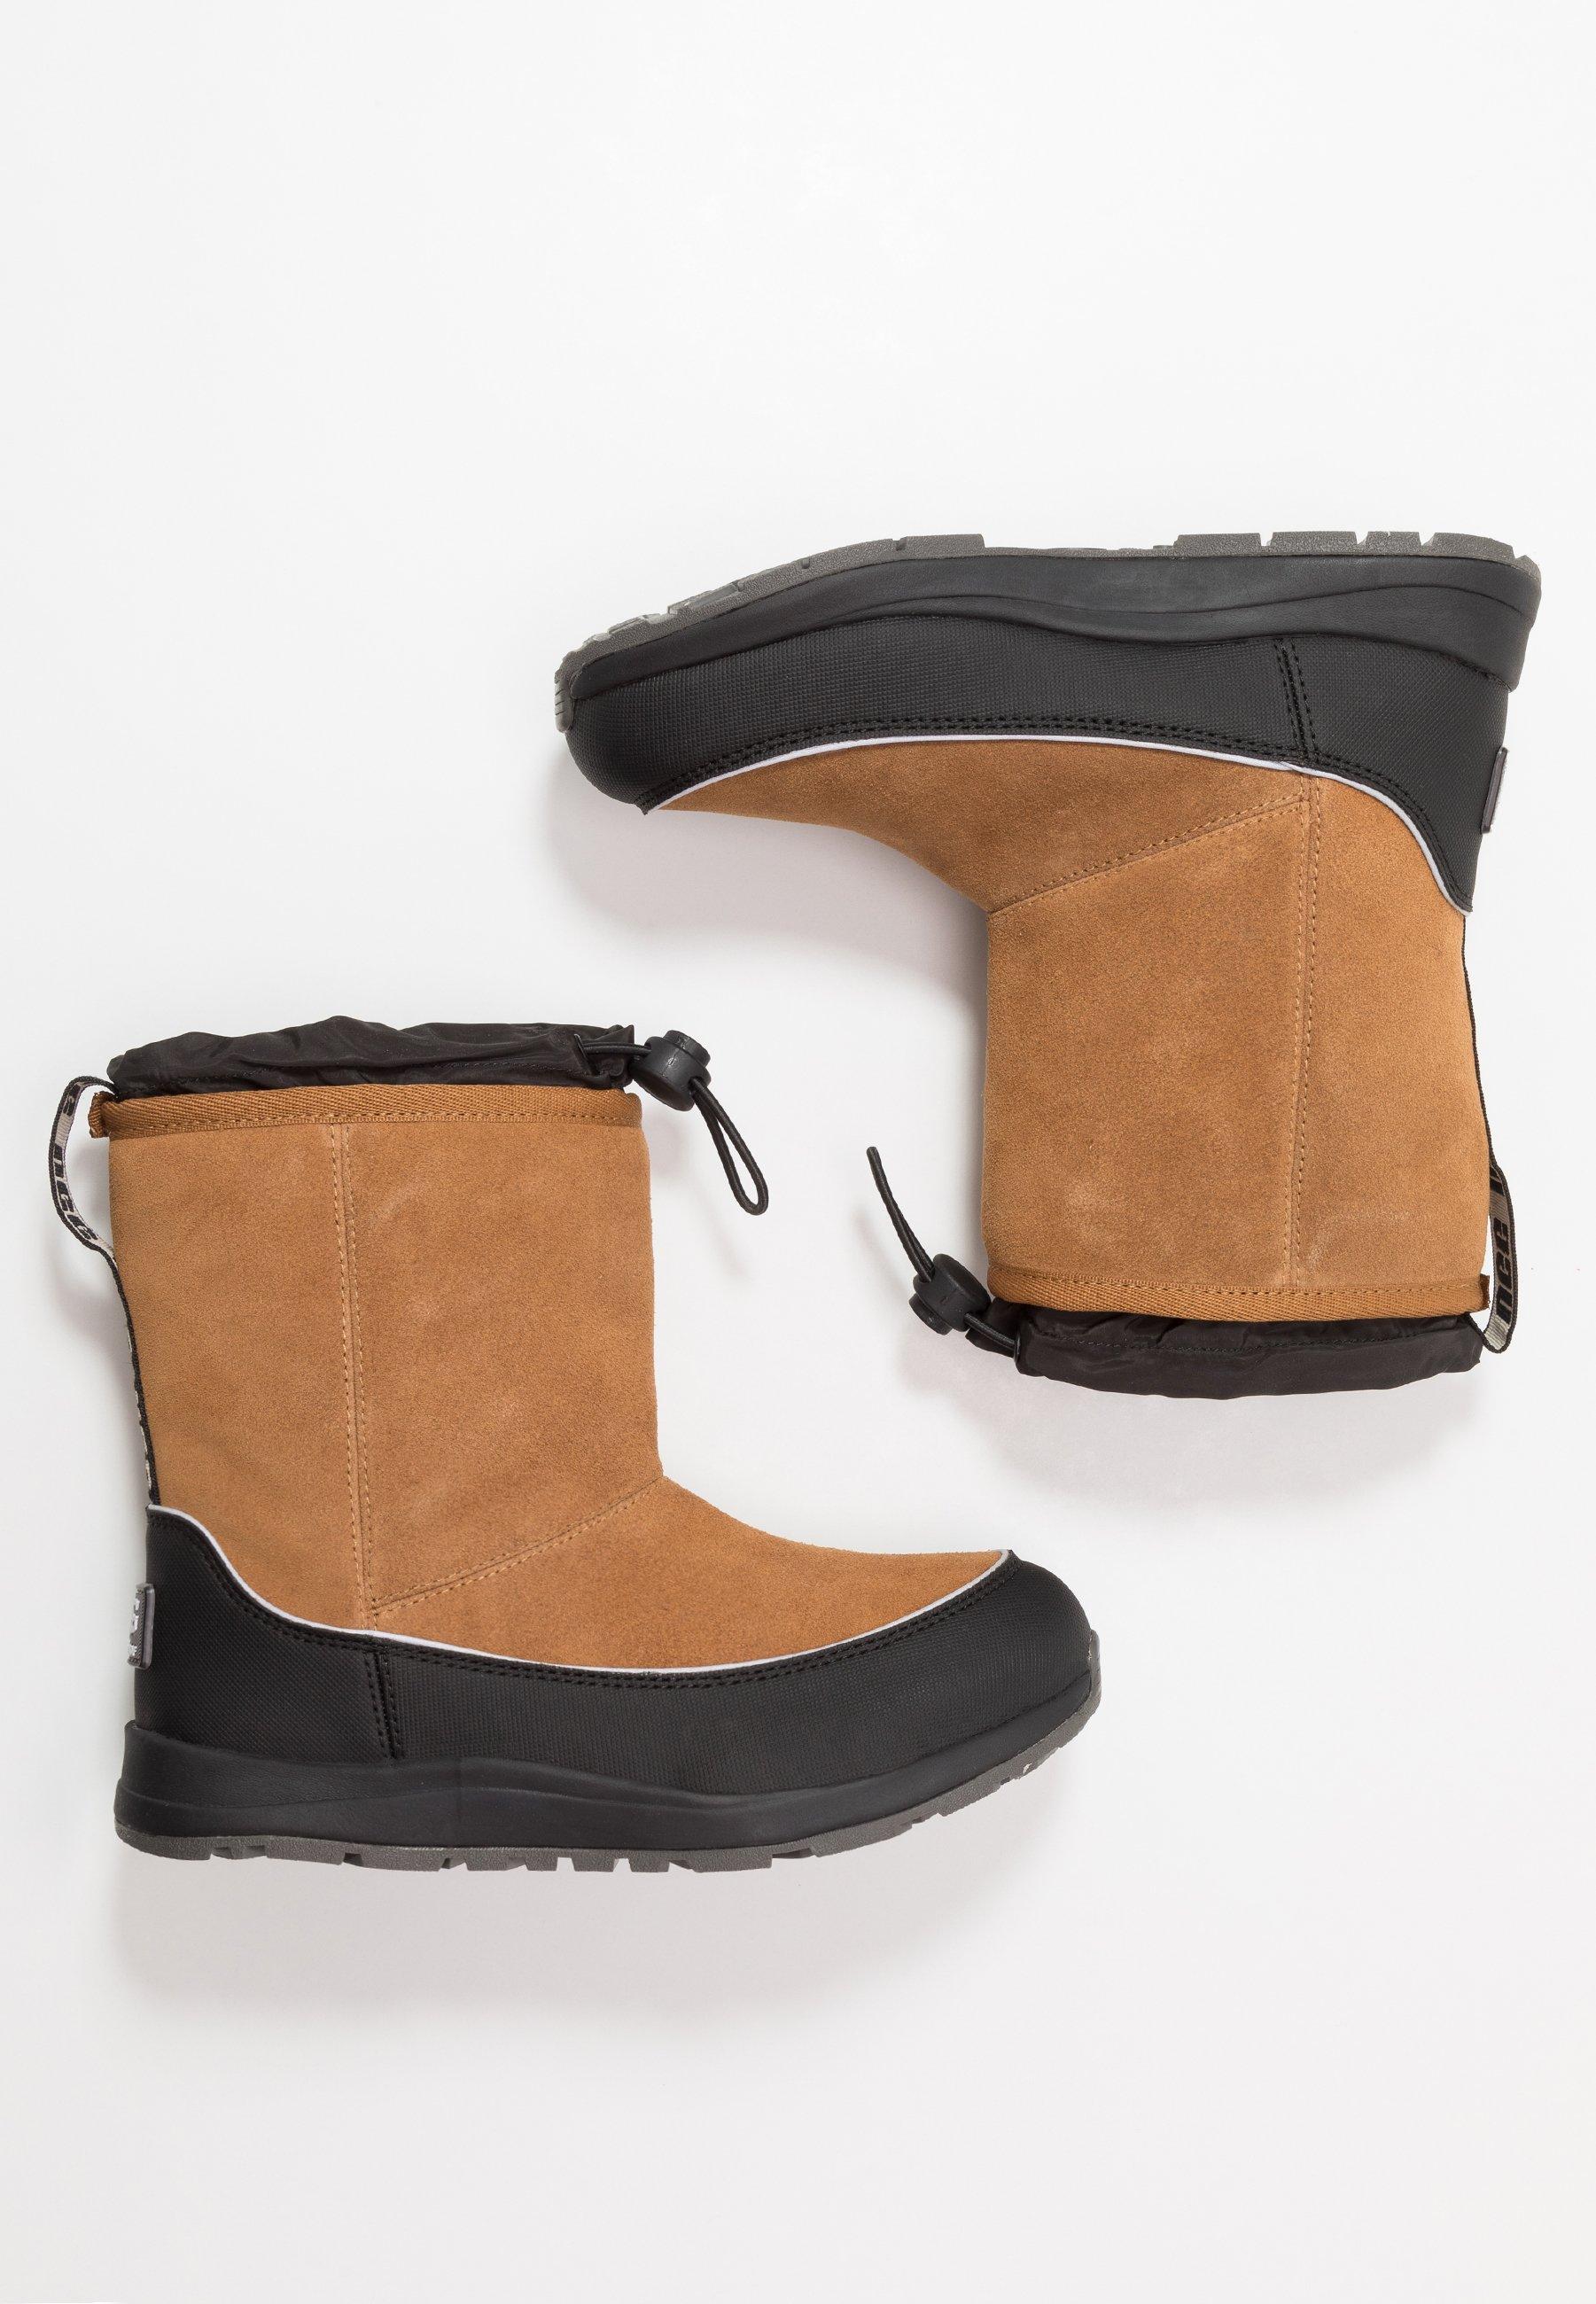 bottes de neige ugg